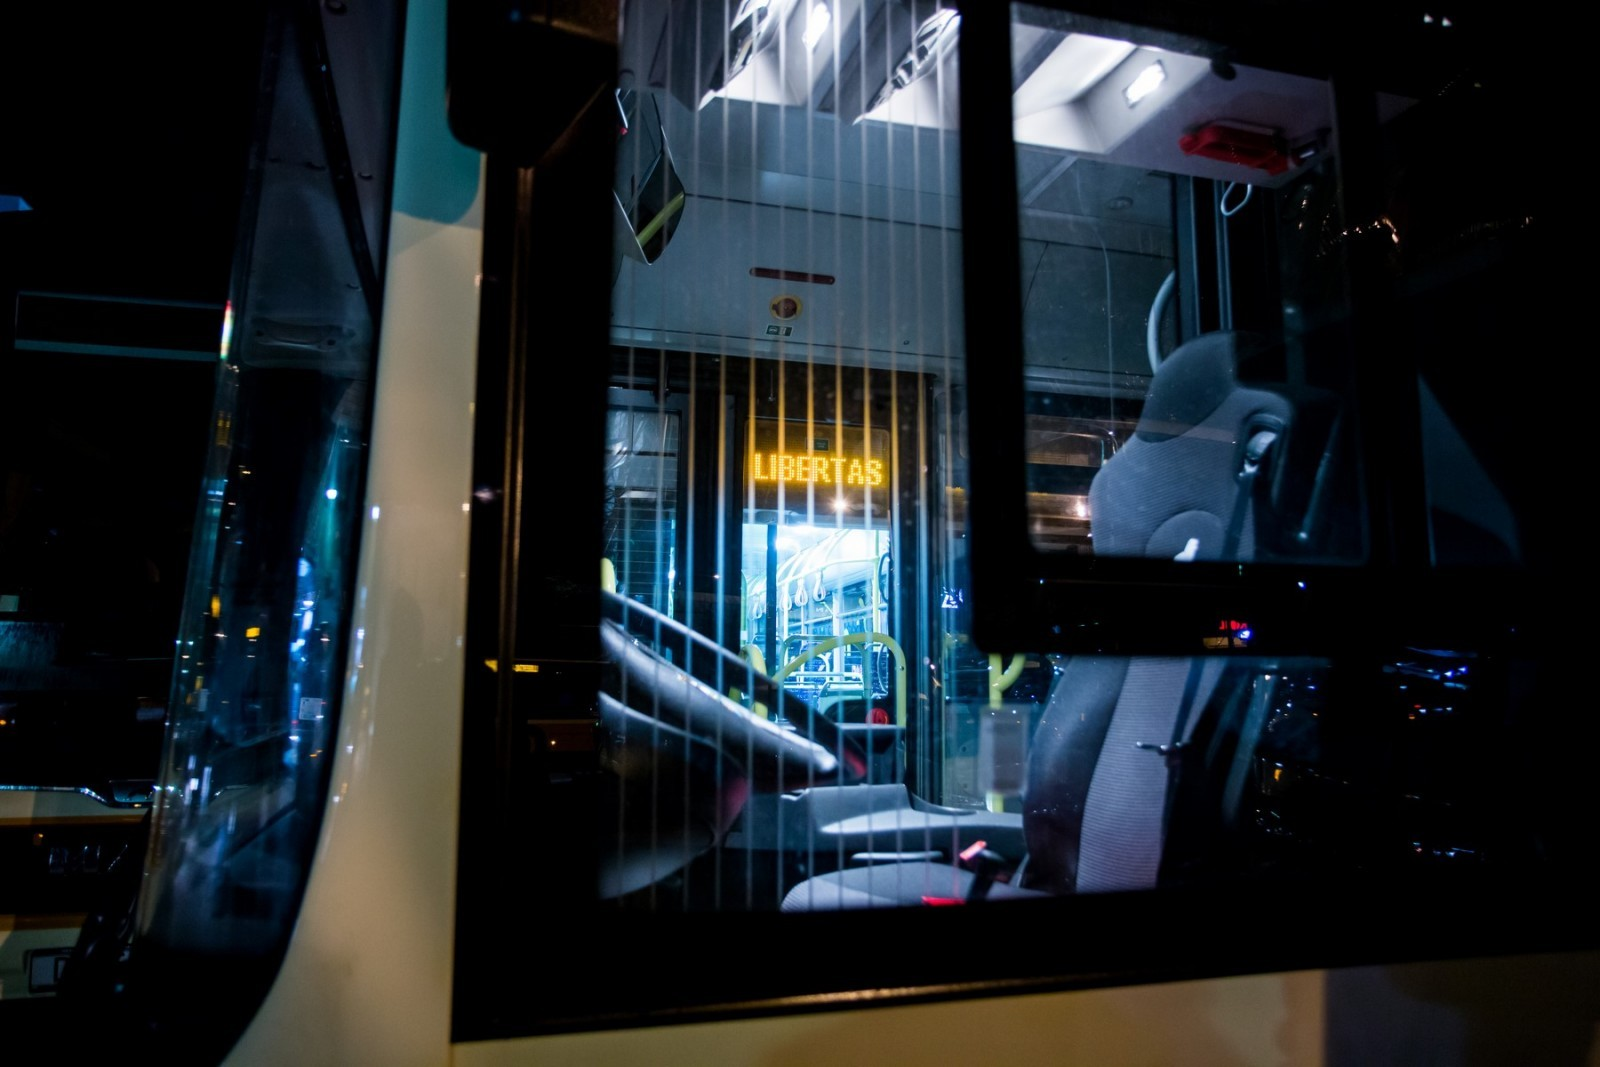 Vozačima Libertasa isplaćeno više od 1.2 milijuna kuna za prekovremene sate